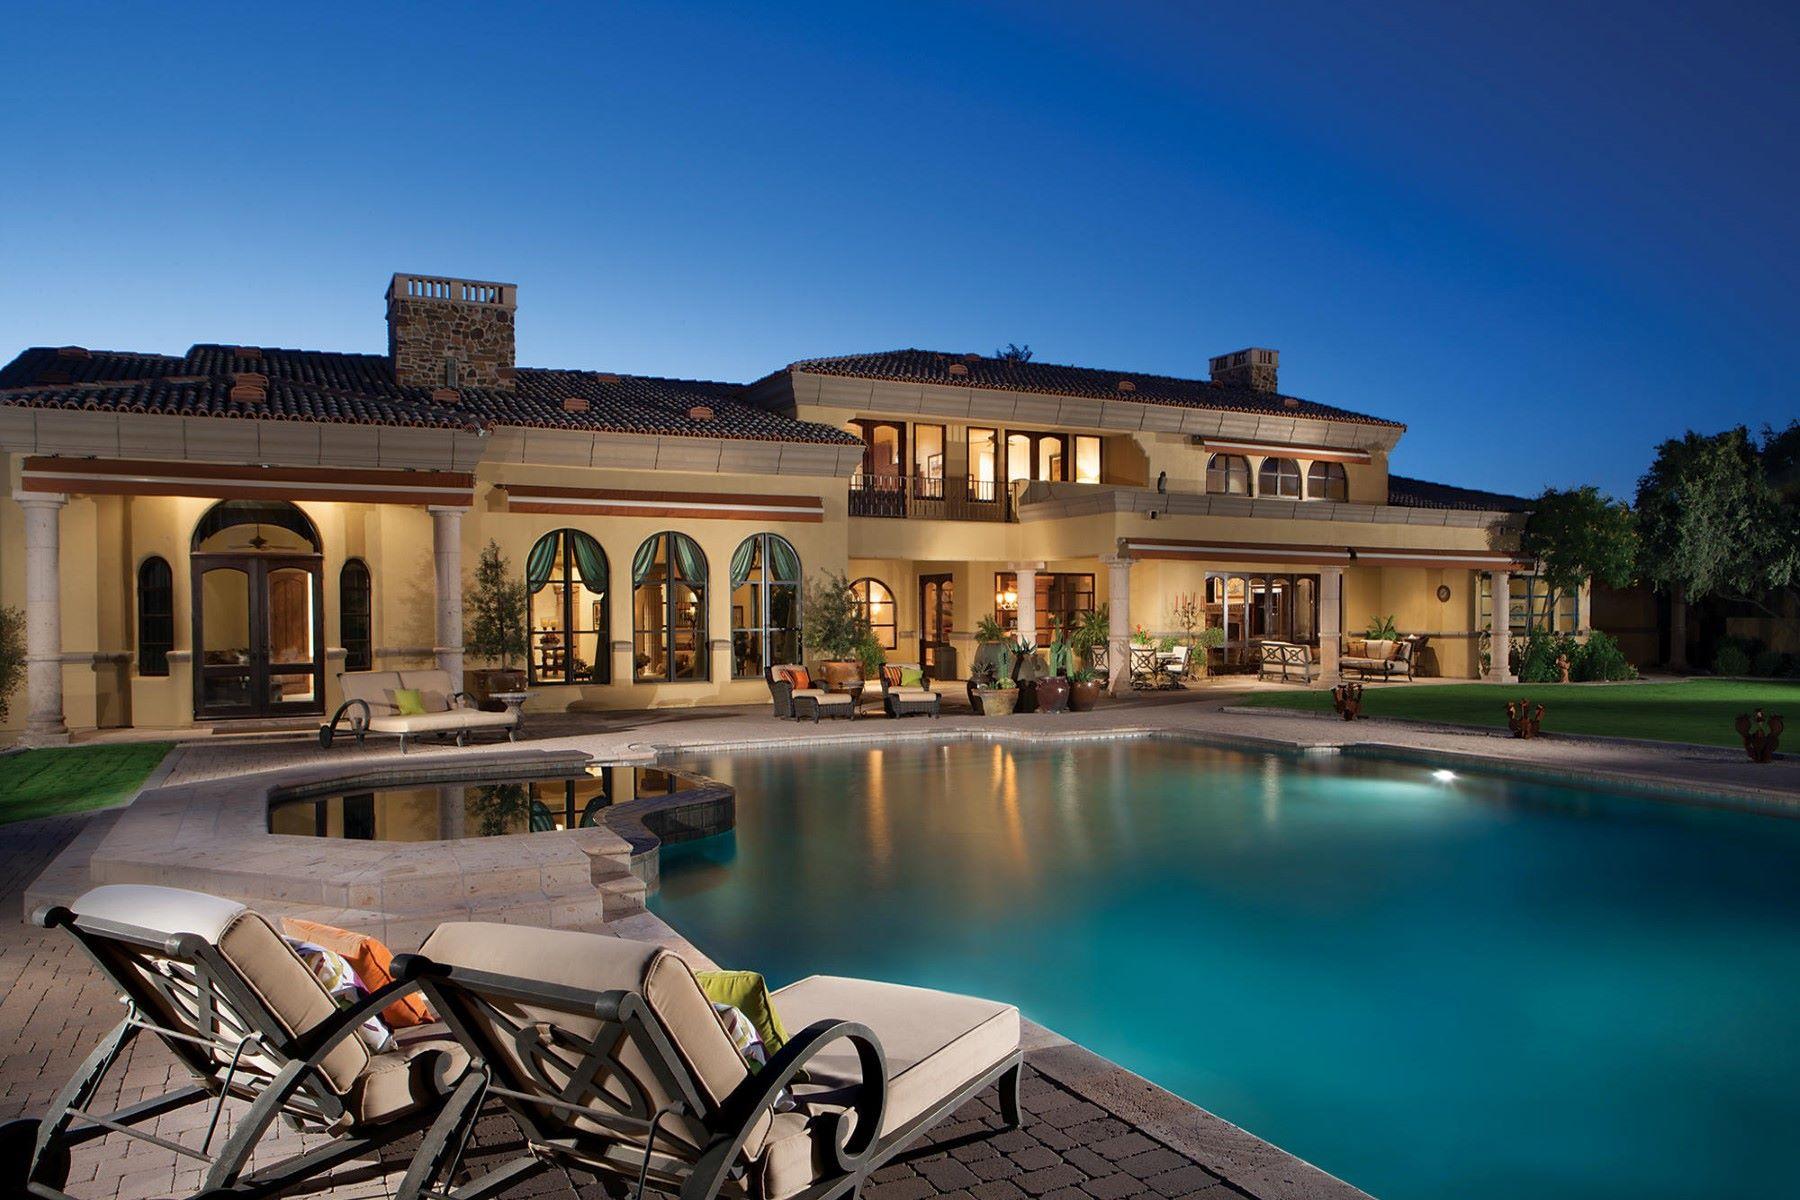 Einfamilienhaus für Verkauf beim Beautiful desert paradise in Scottsdale 9701 E Happy Valley Rd 2 Scottsdale, Arizona, 85255 Vereinigte Staaten